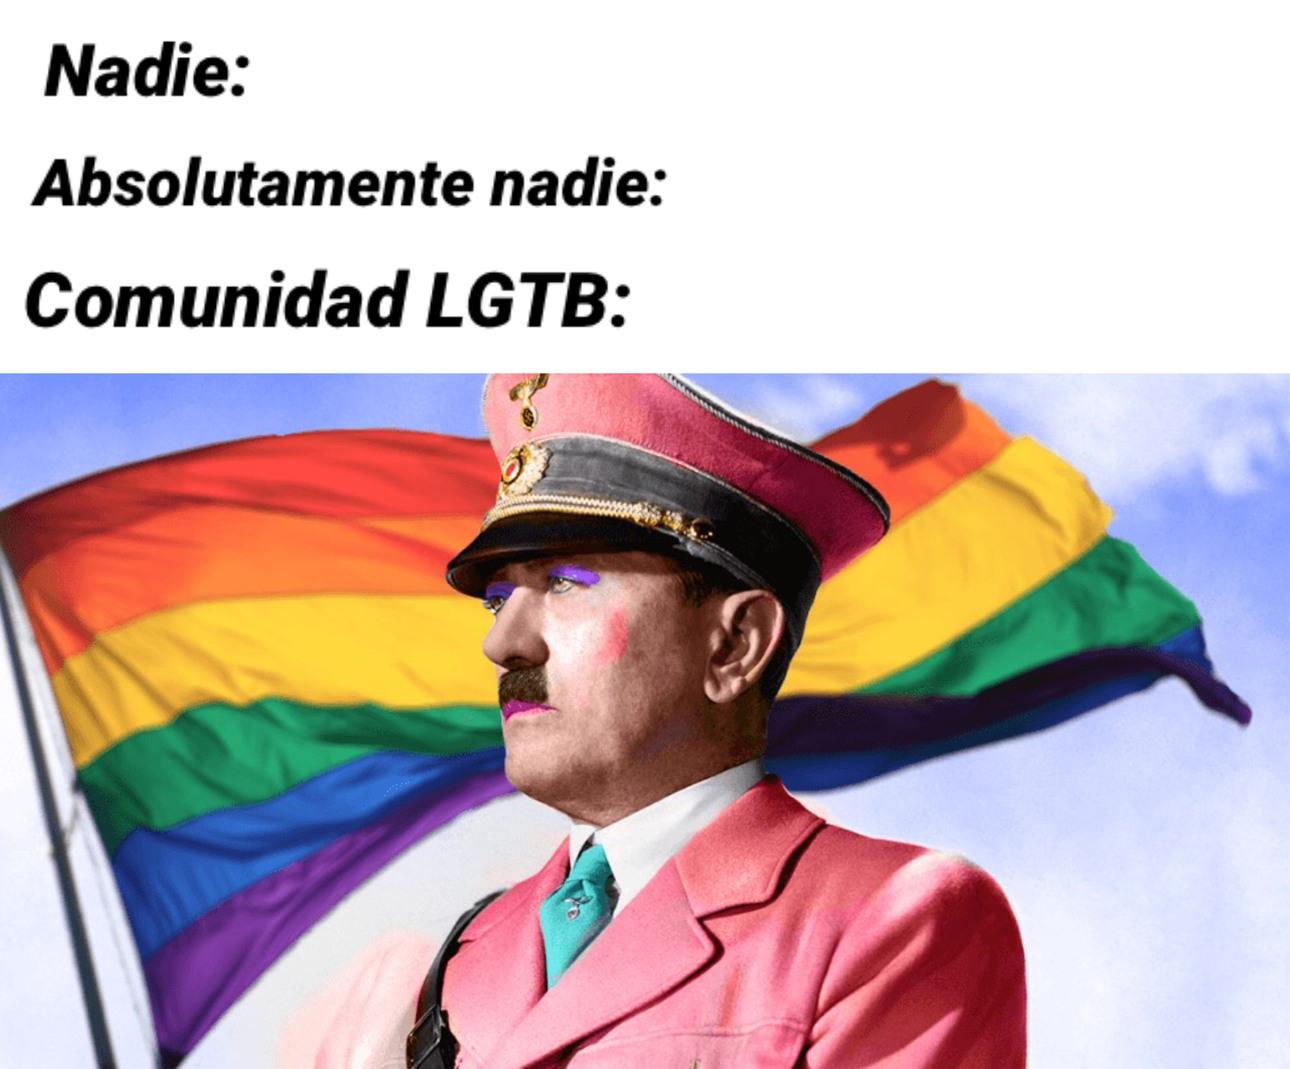 O f - meme